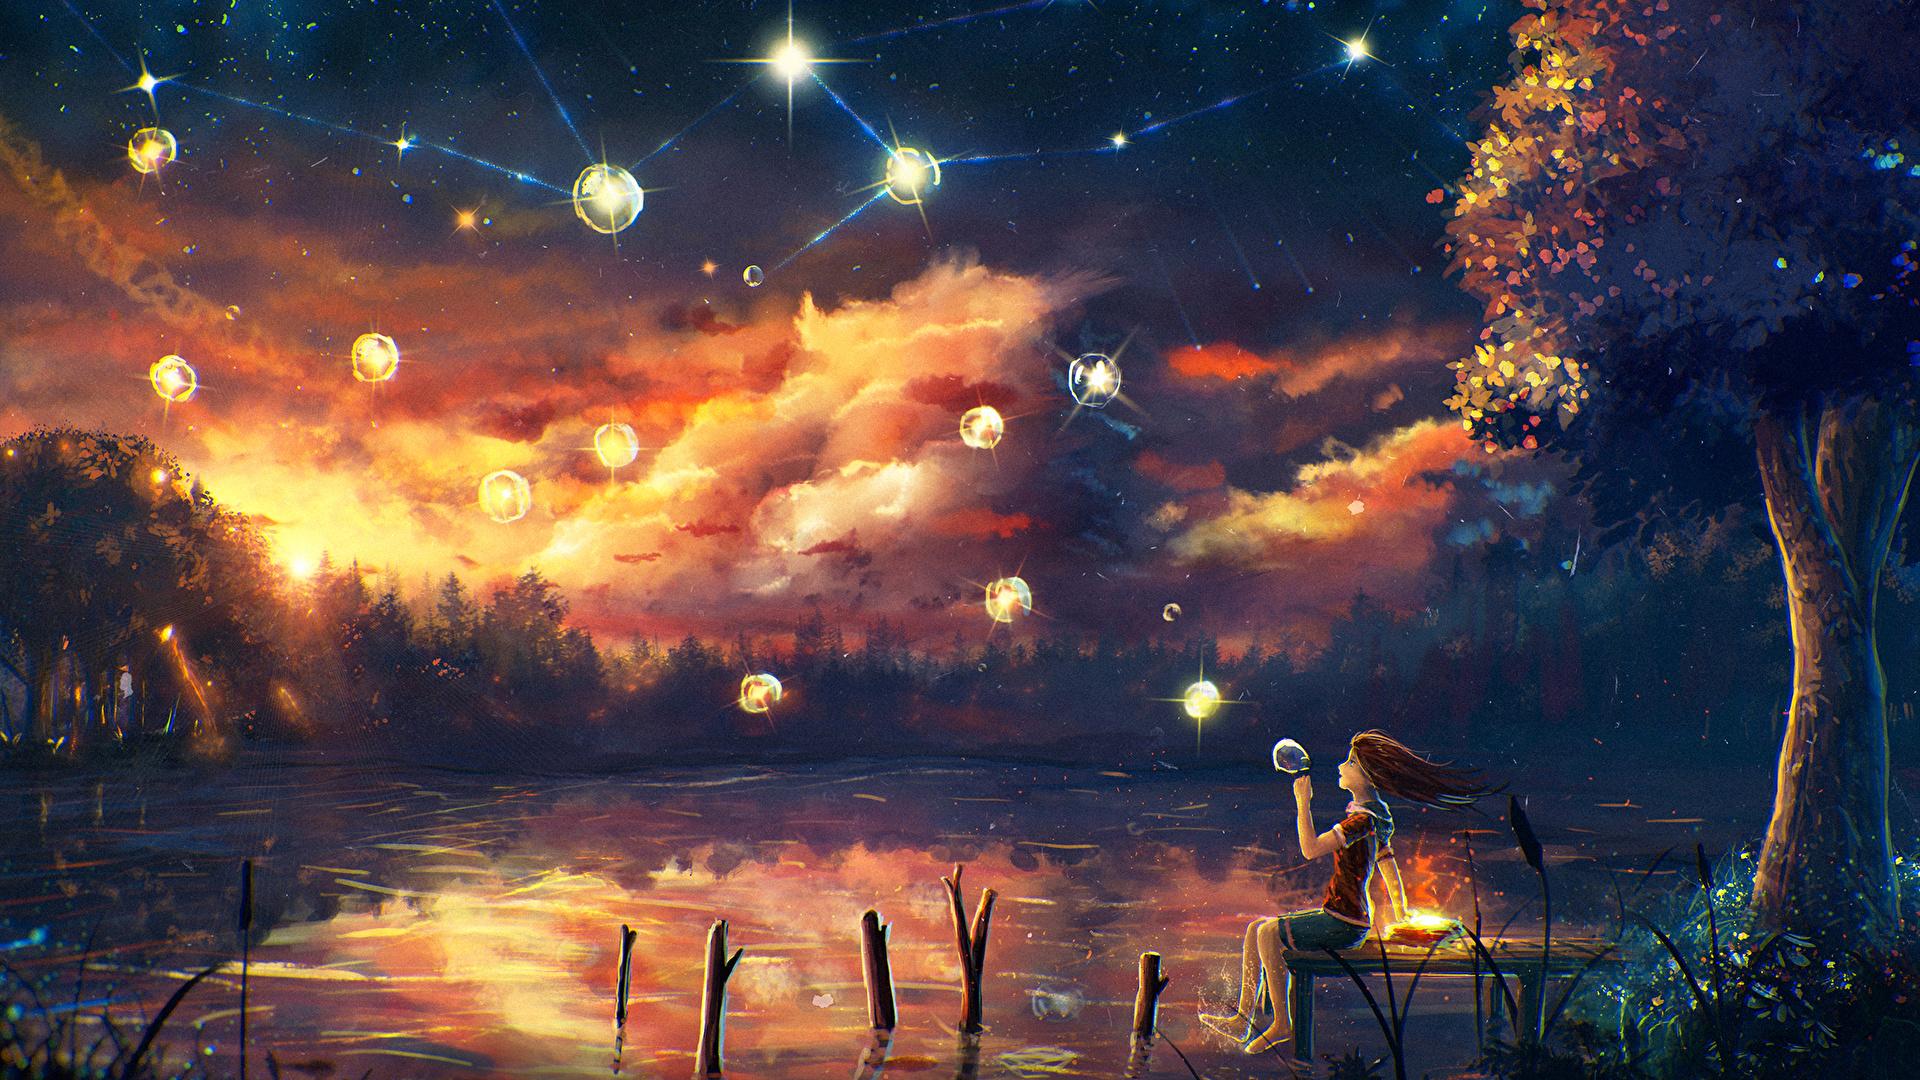 壁紙 19x1080 幻想的な世界 池 空 木 小さな女の子 夜 ファンタジー 自然 少女 ダウンロード 写真